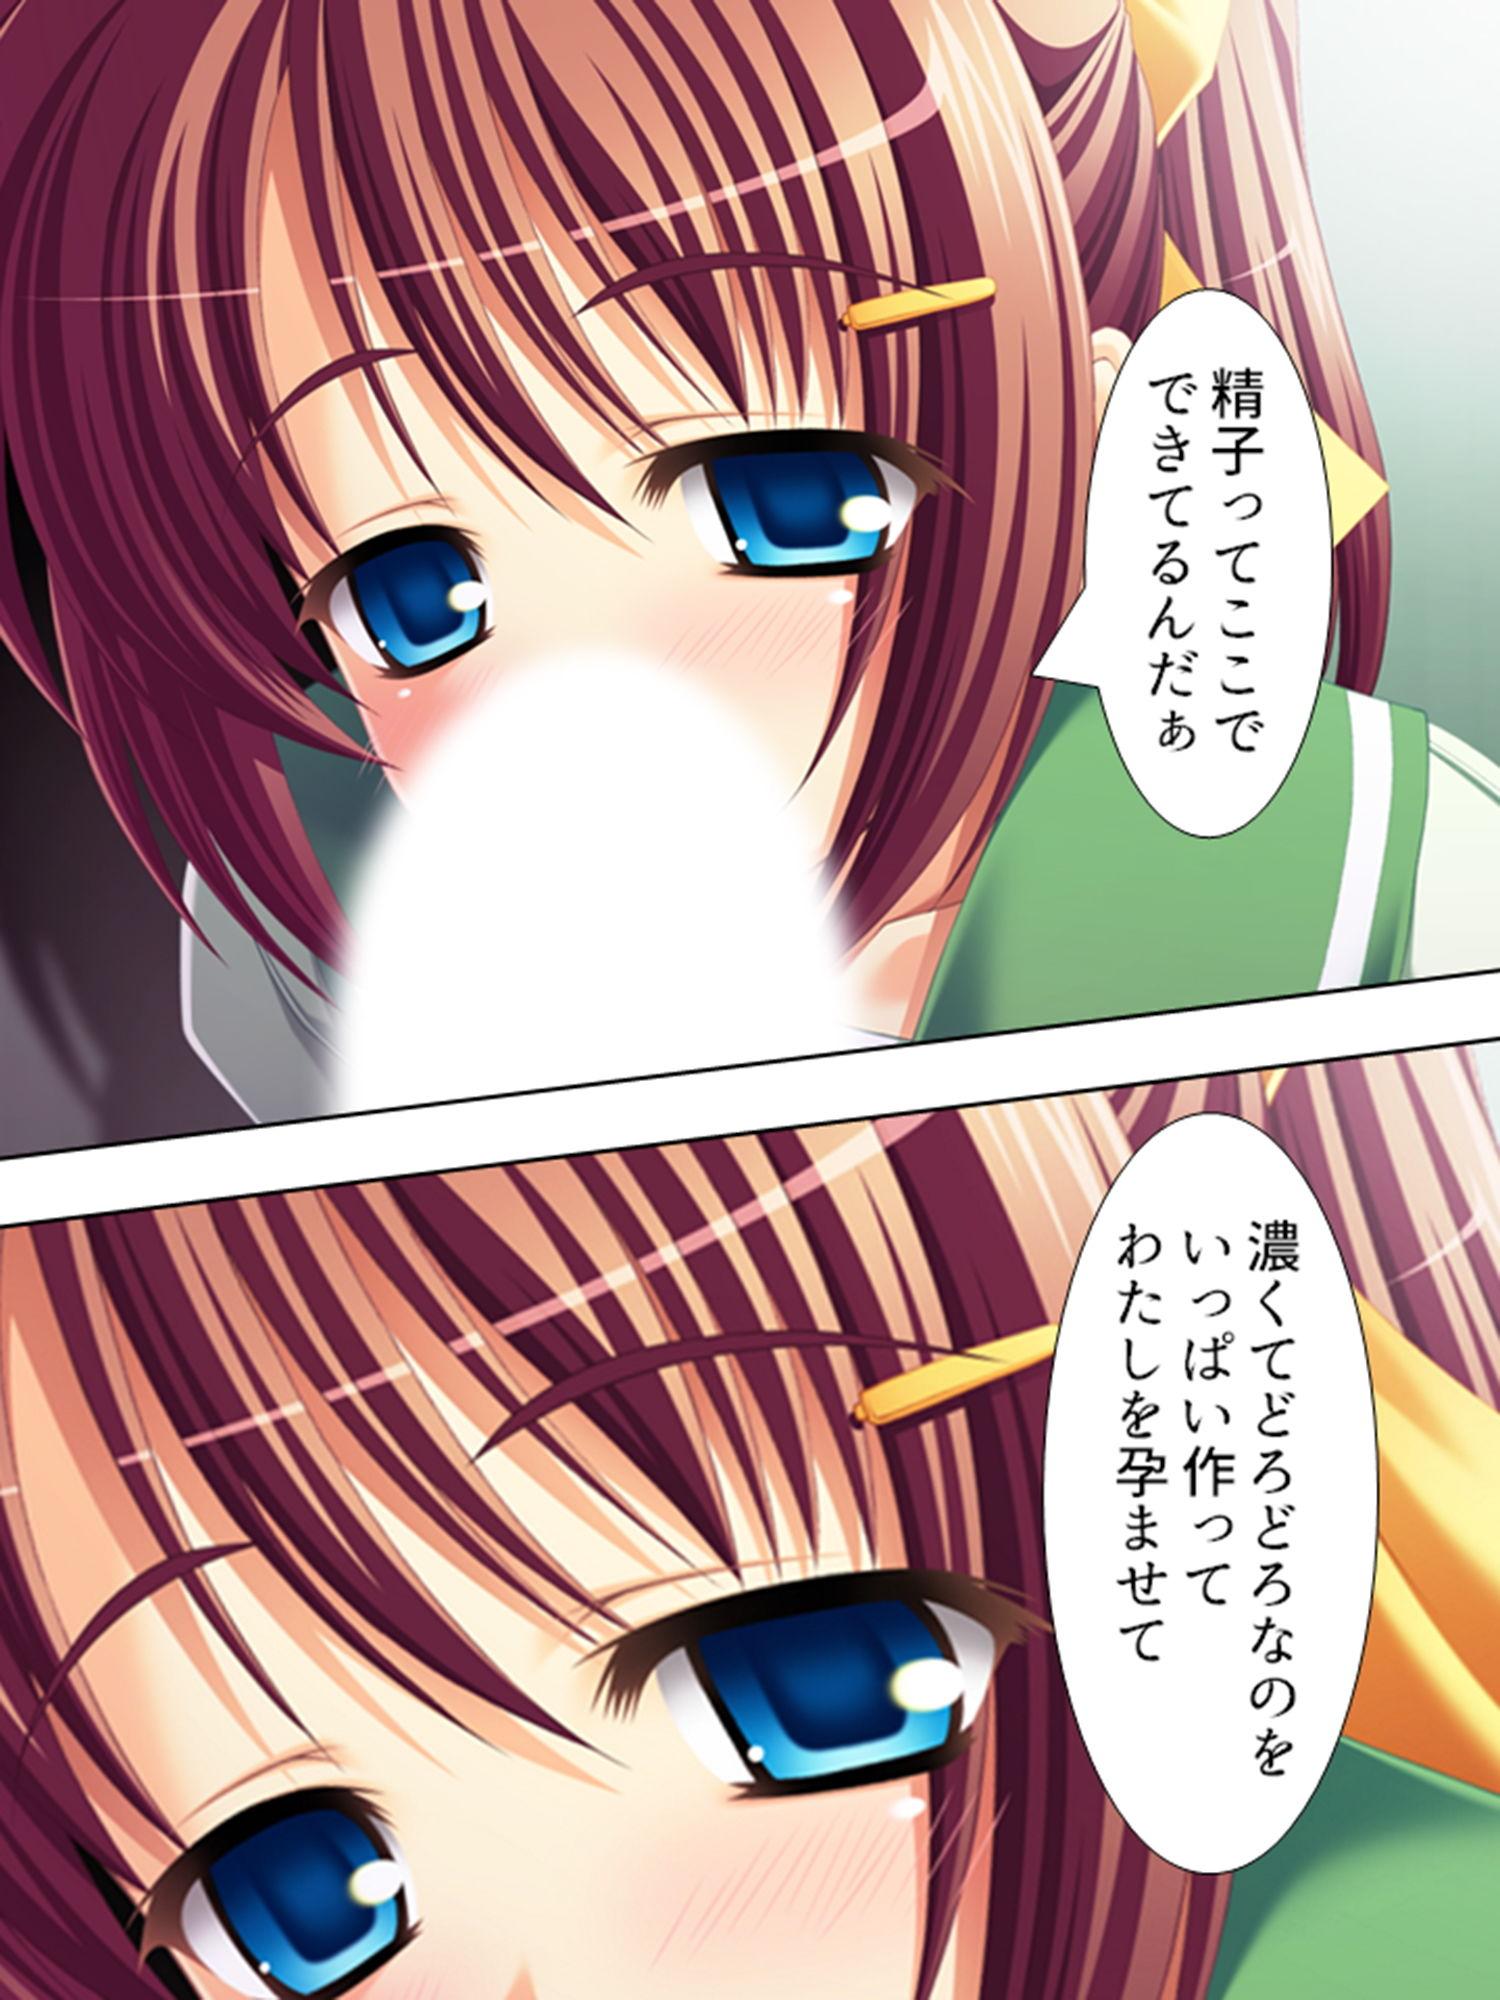 サンプル画像4:生き別れの妹と再会して誘われるまま近親えっち! 下巻(アロマコミック) [d_188229]